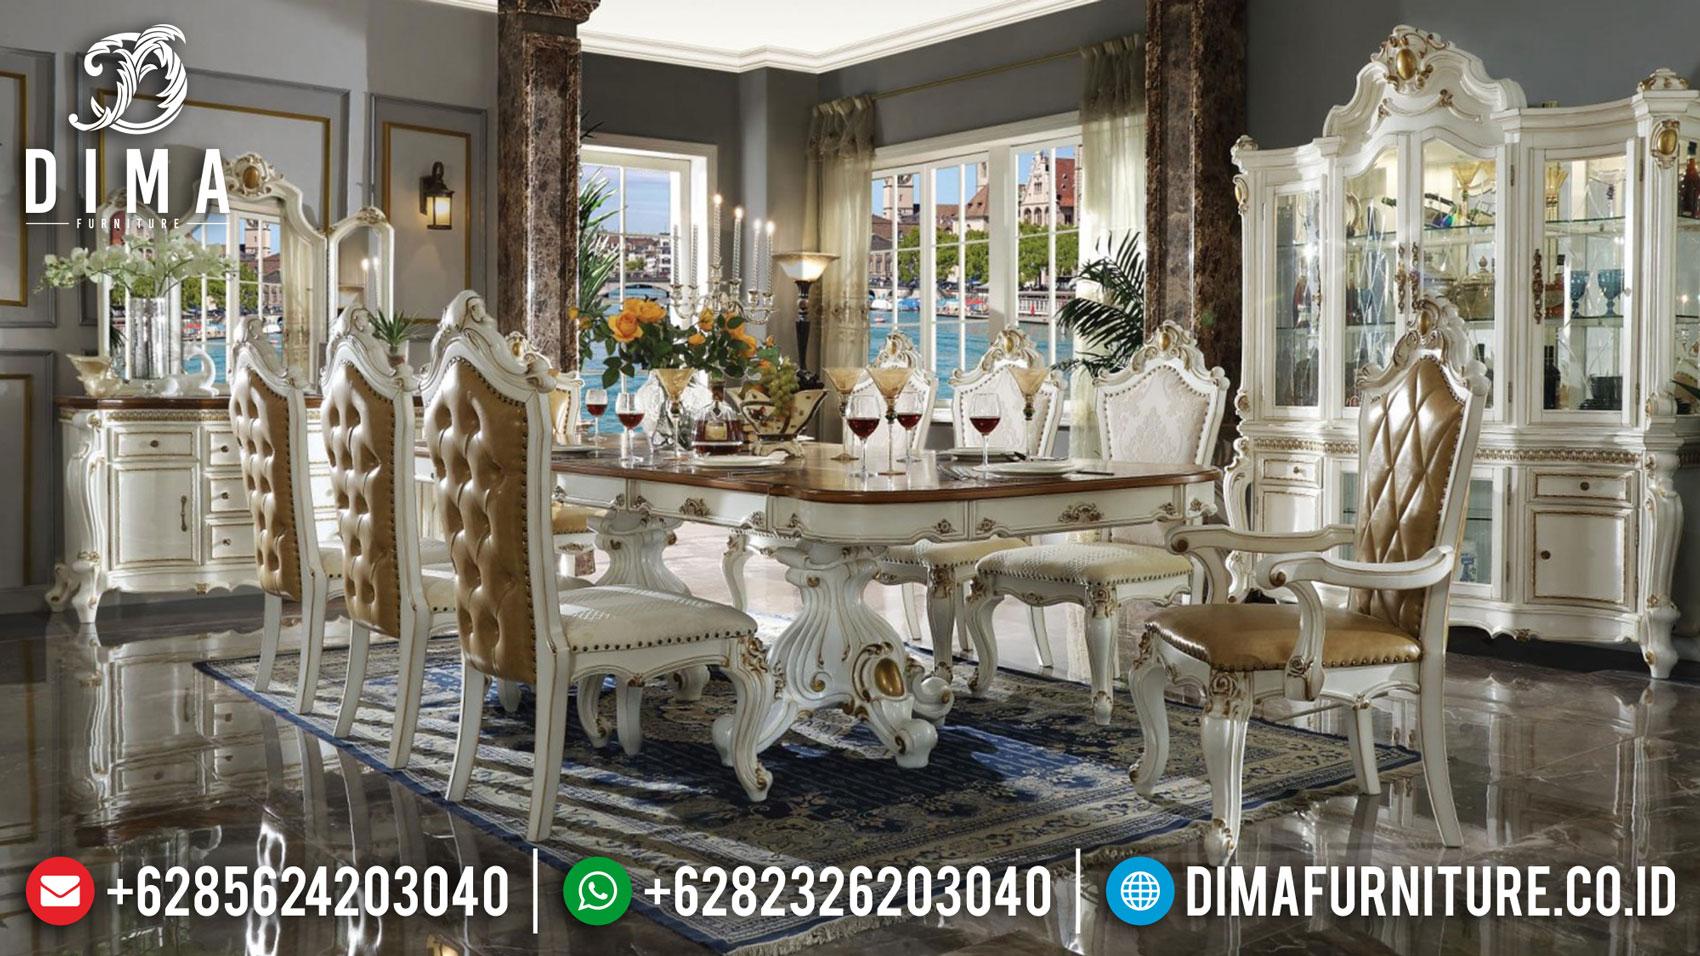 Best Style Meja Makan Mewah Luxury Carving Furniture Jepara Terbaru TTJ-1371